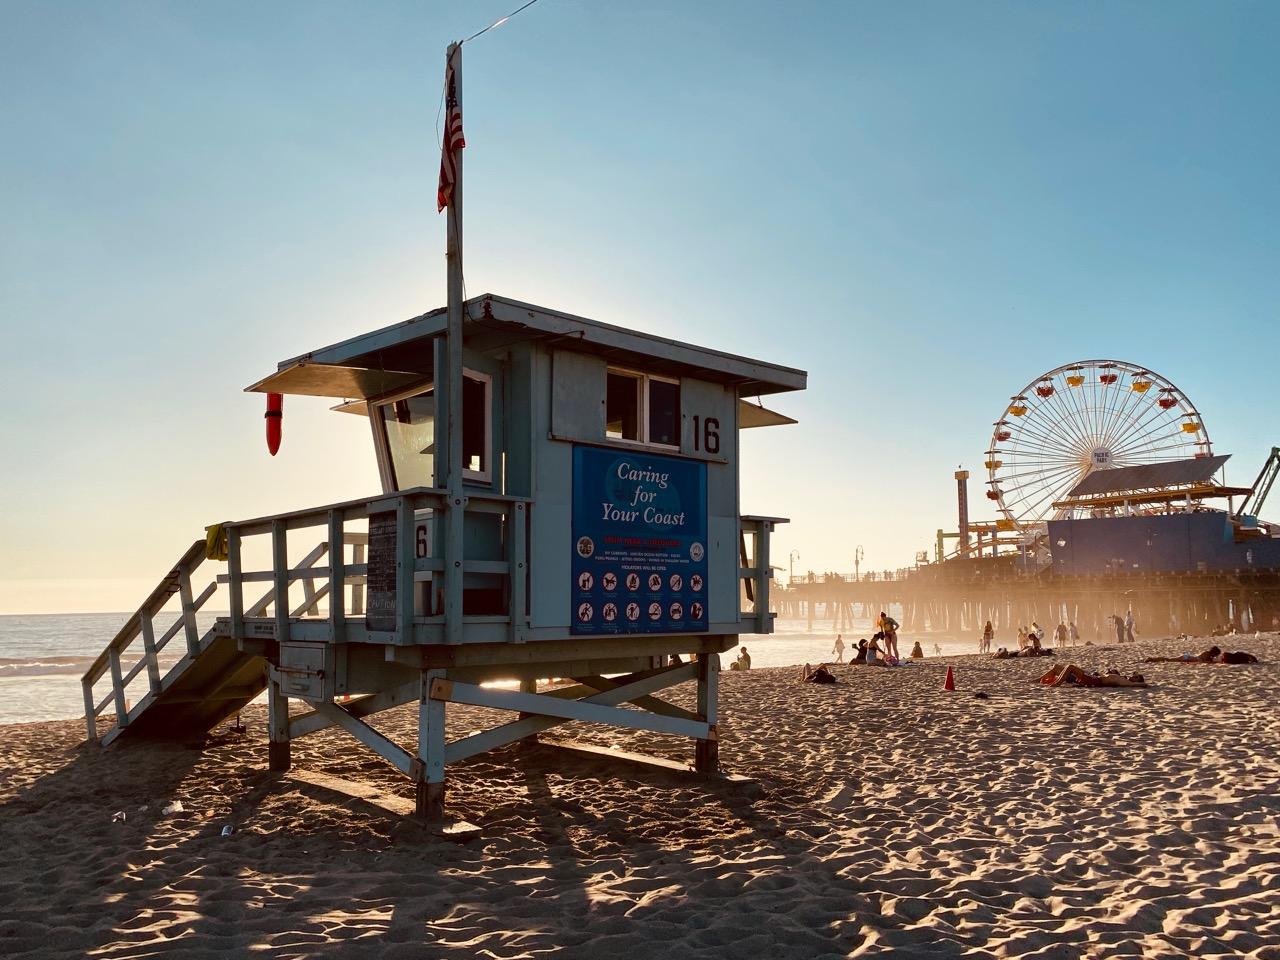 Una giornata a Santa Monica: Baywatch arriviamo!